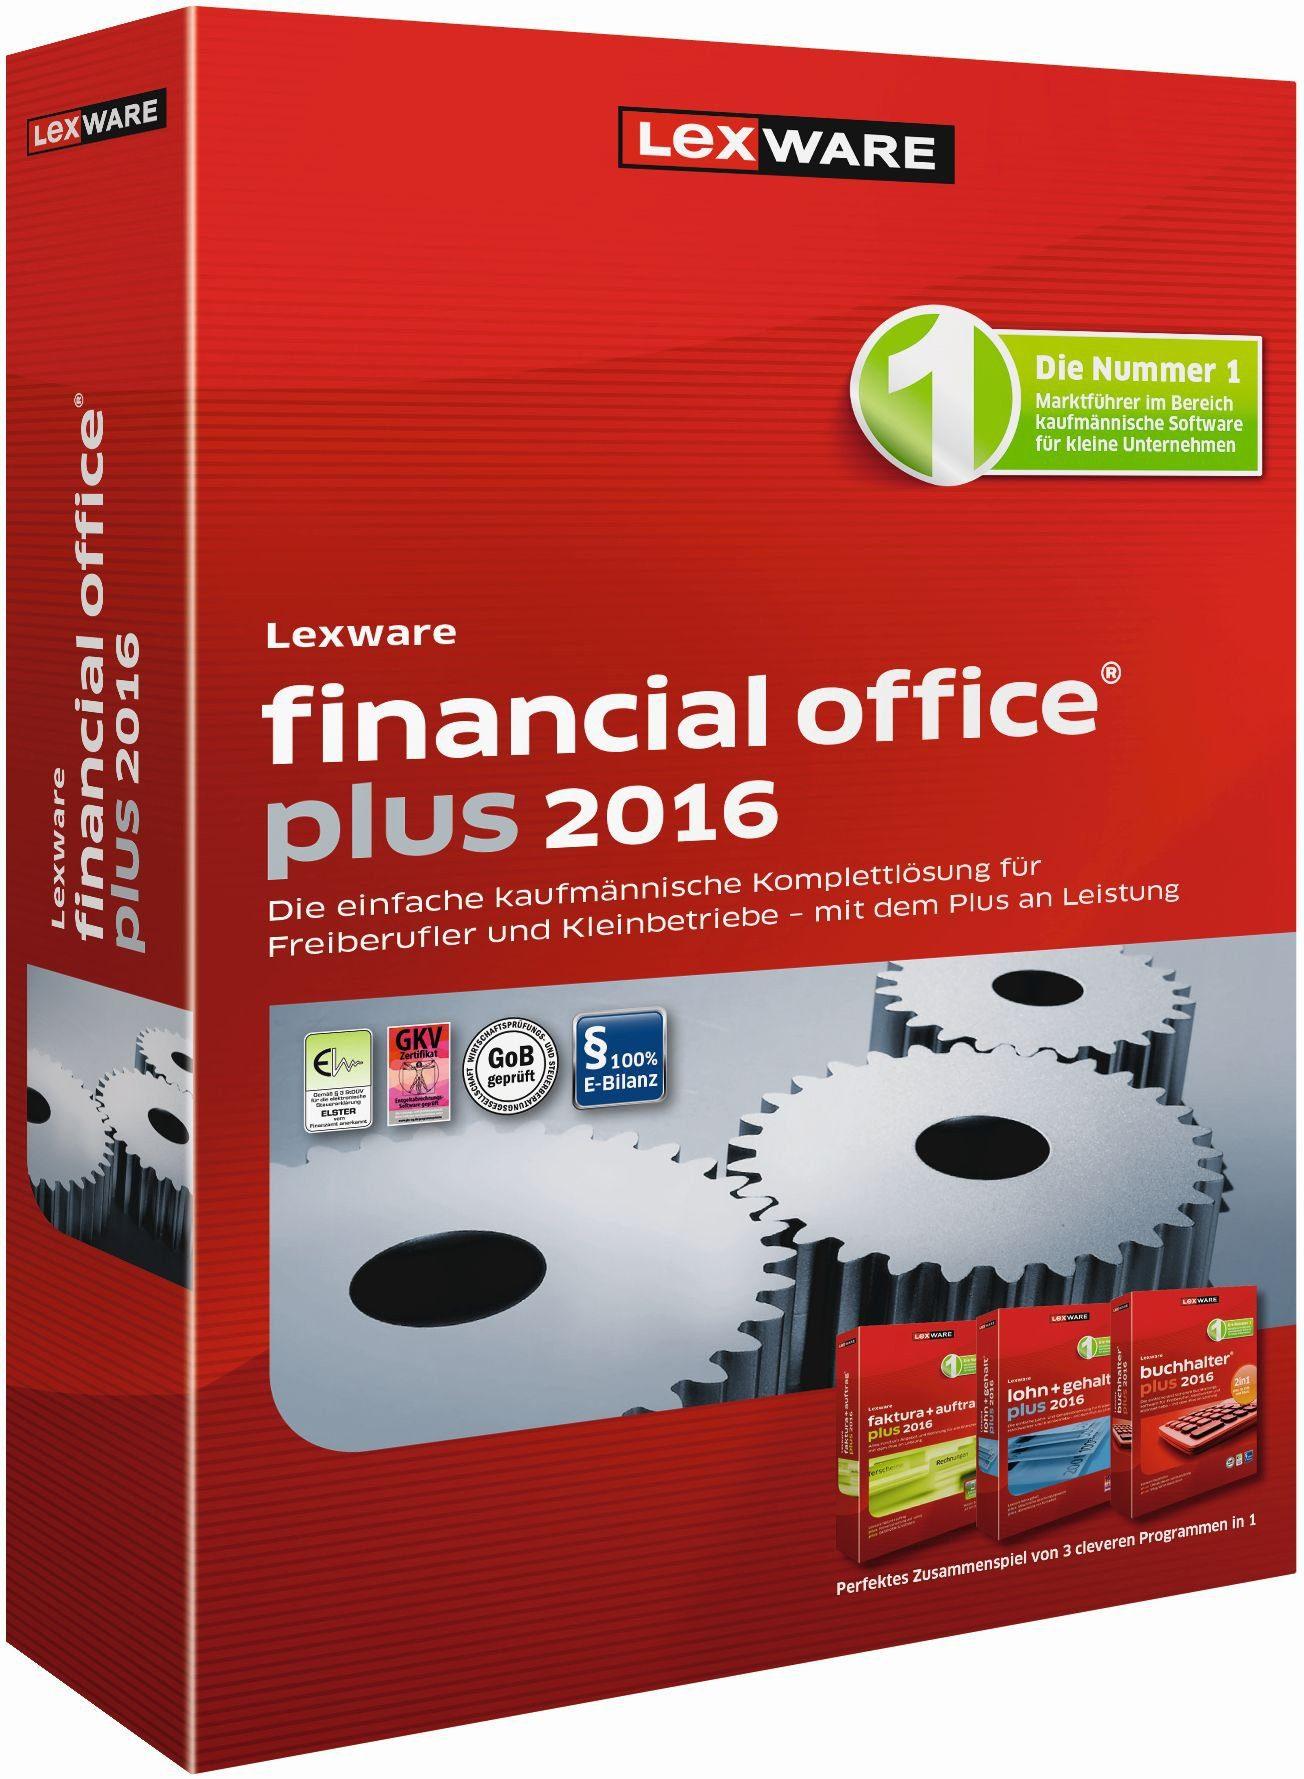 Lexware Kaufmännische Komplettlösung »financial office plus 2016«